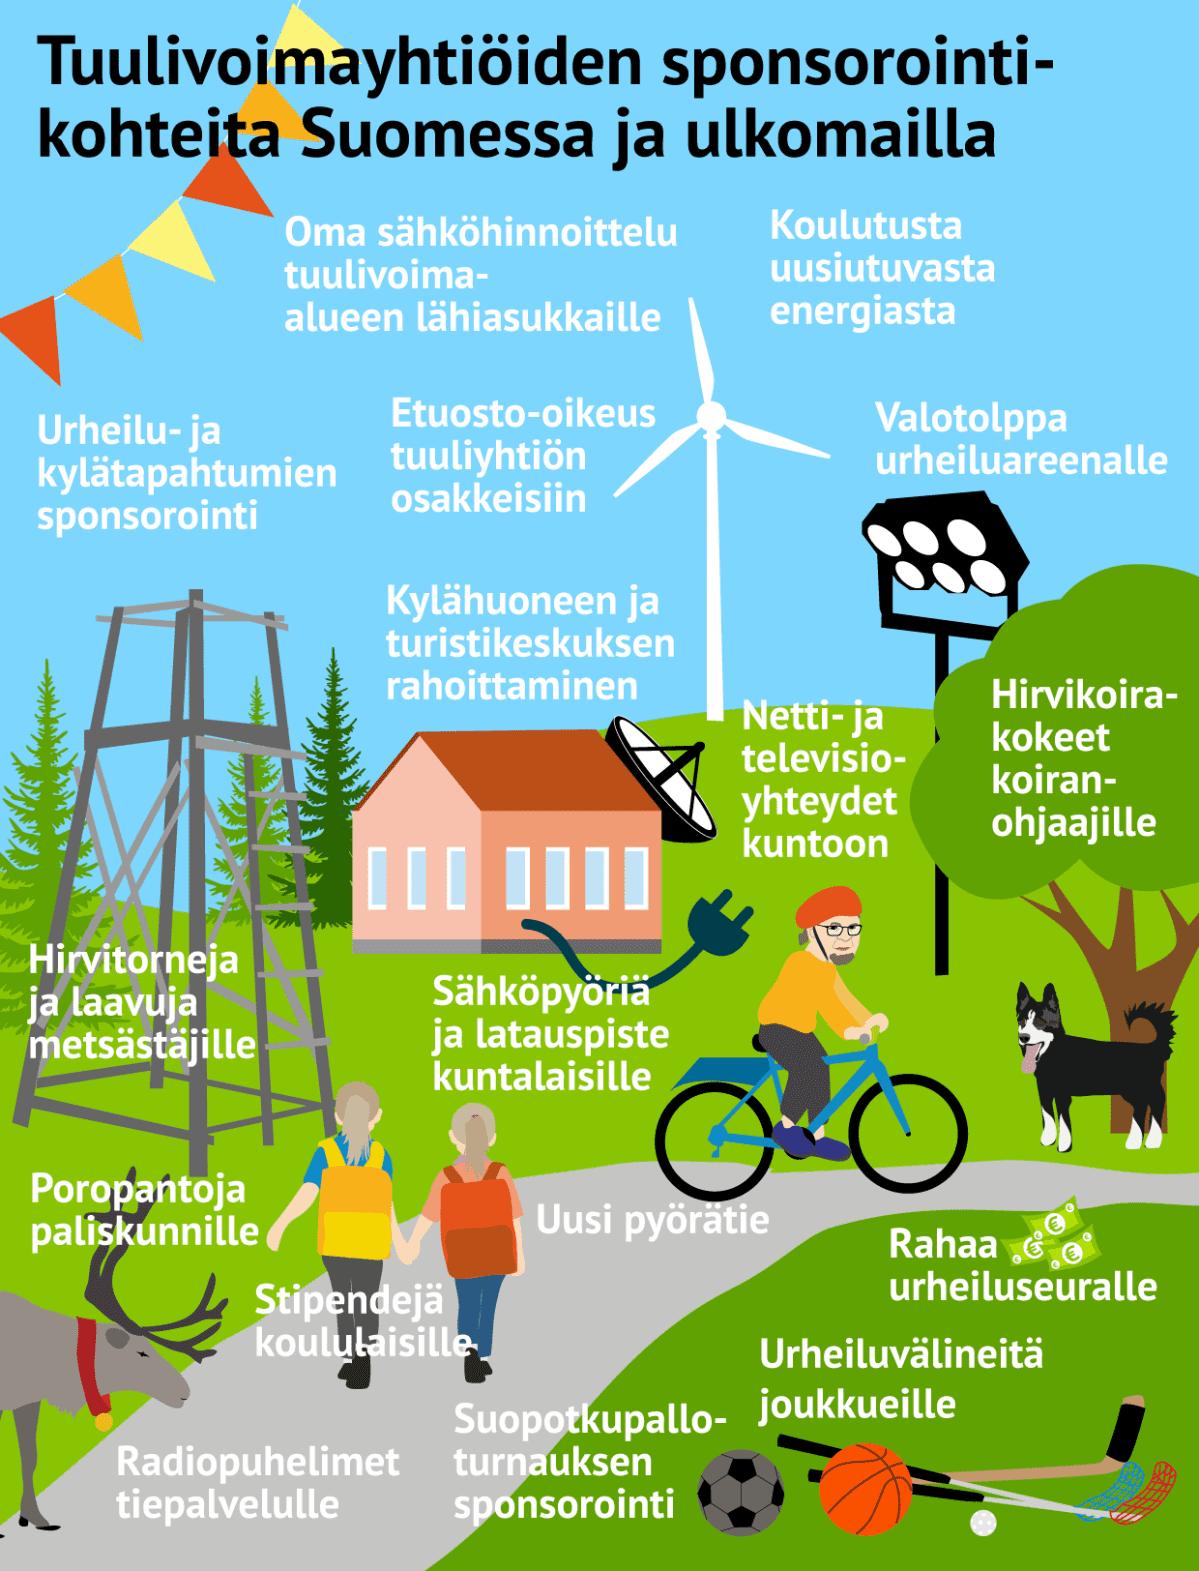 Tuulivoimayhtiöiden sponsorointikohteita Suomessa ja ulkomailla.